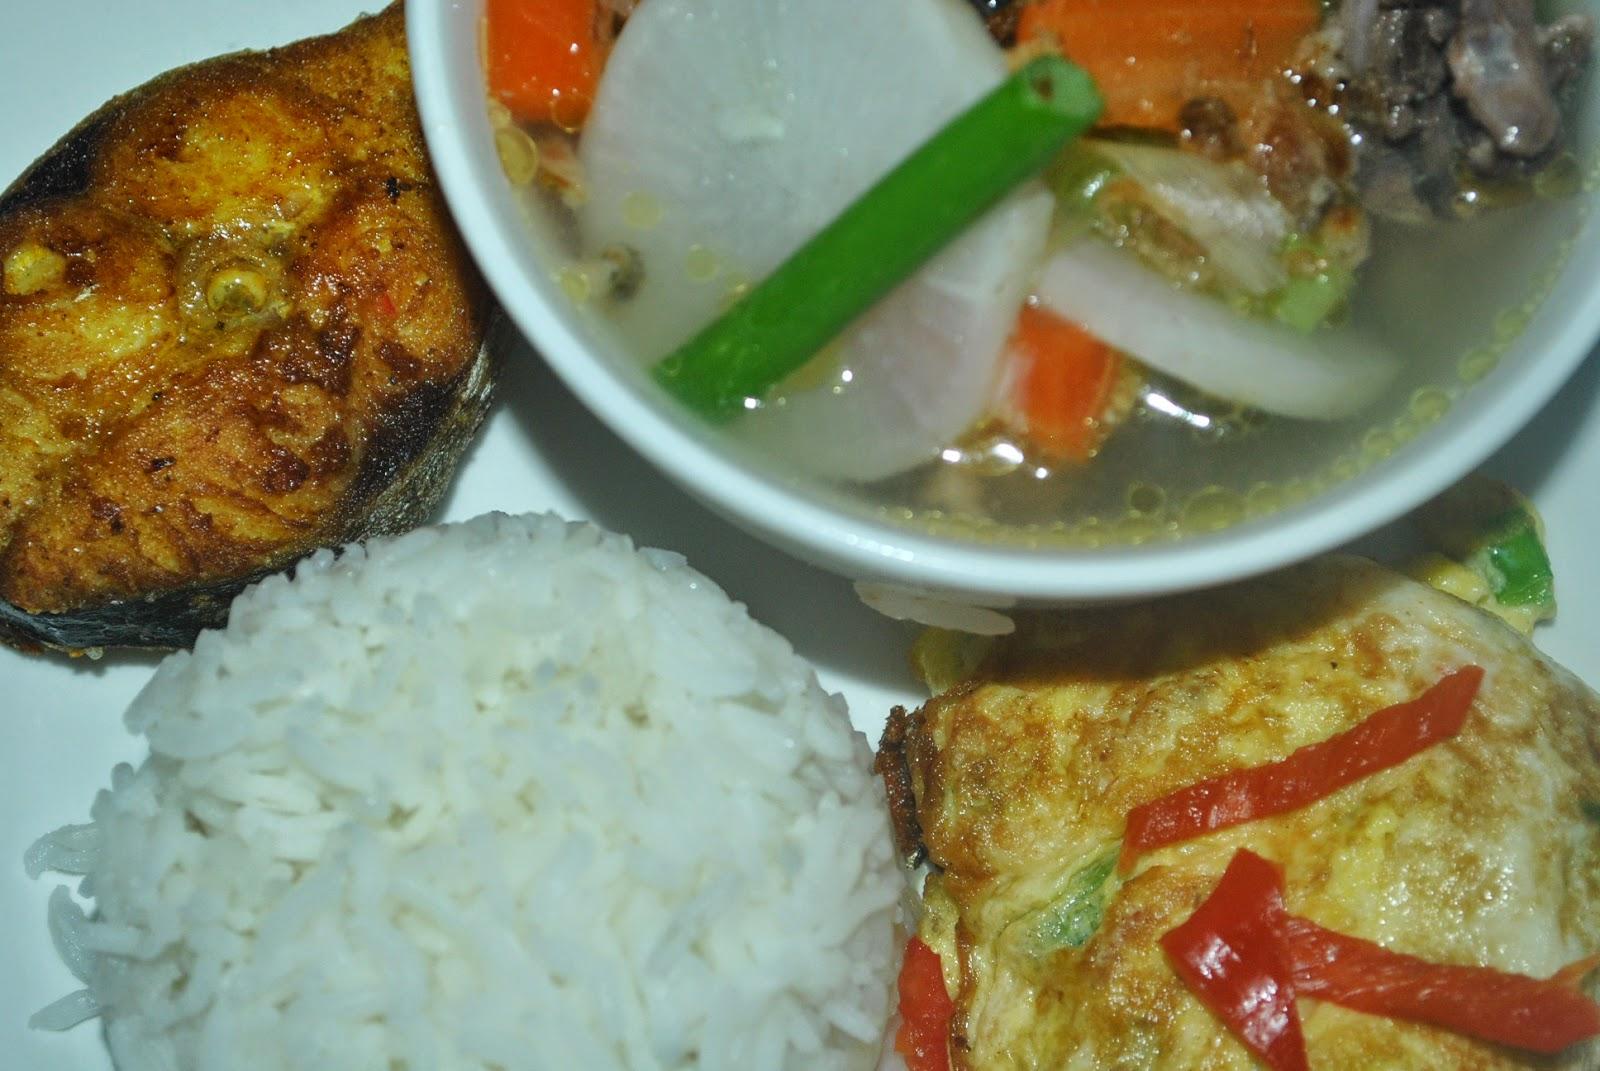 resepi  ayam  lobak putih seremi justicia copiapo Resepi Sup Kaki Ayam Ala Thai Enak dan Mudah